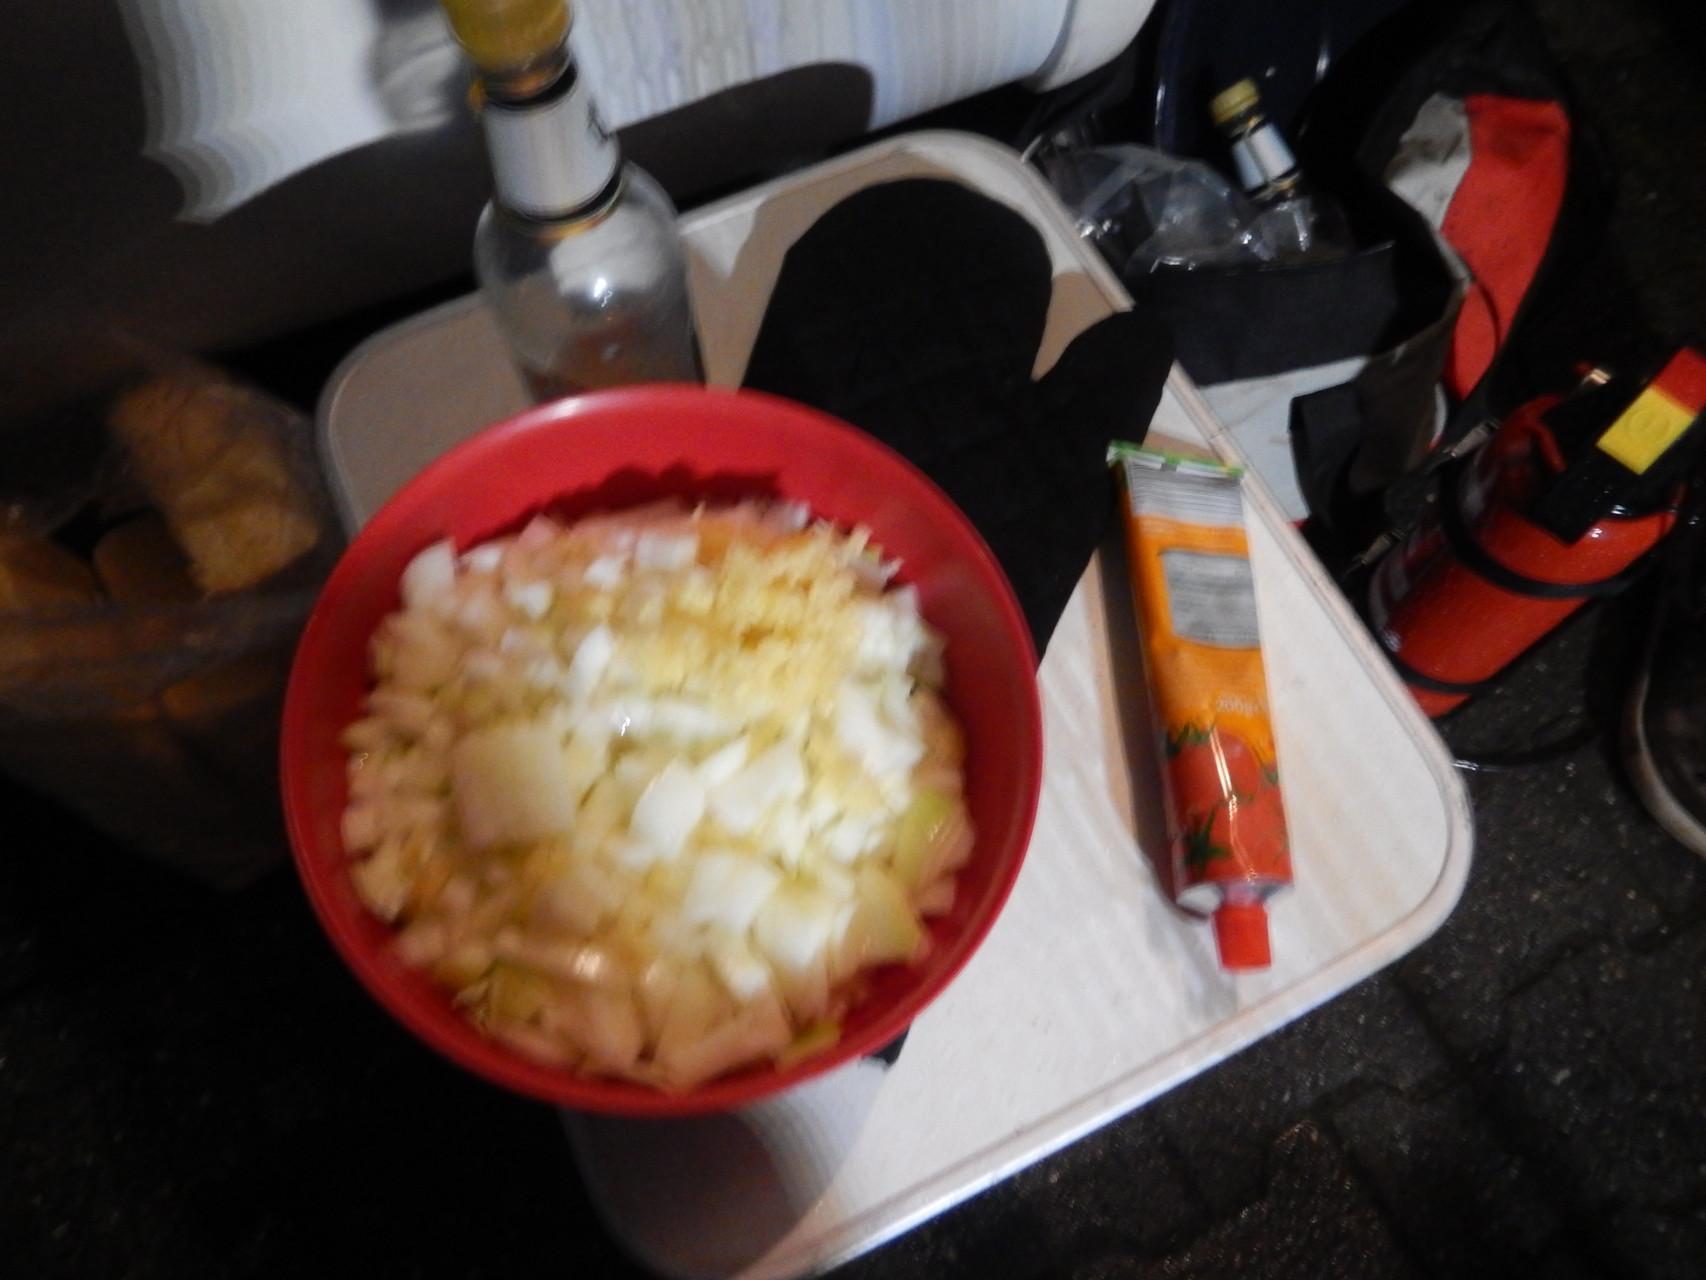 die ganze Tube Tomatenmark kommt jetzt auch rein und wird gut mit dem Gargut vermischt